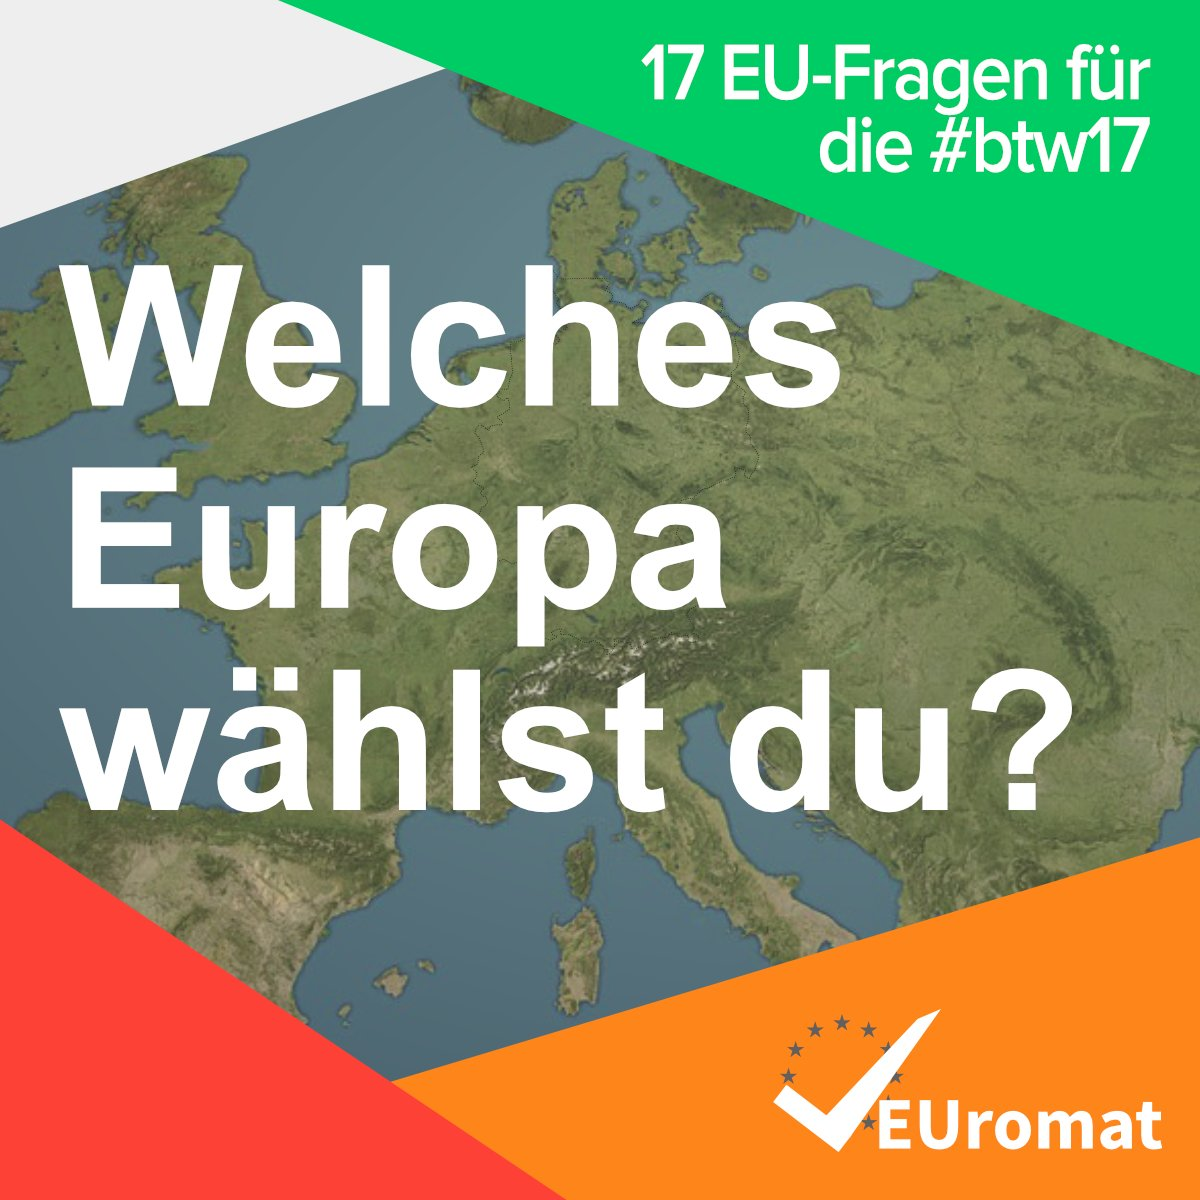 Iep Berlin Twitter Btw17 Countdown Wahlen Fur Europa Entdecken Sie